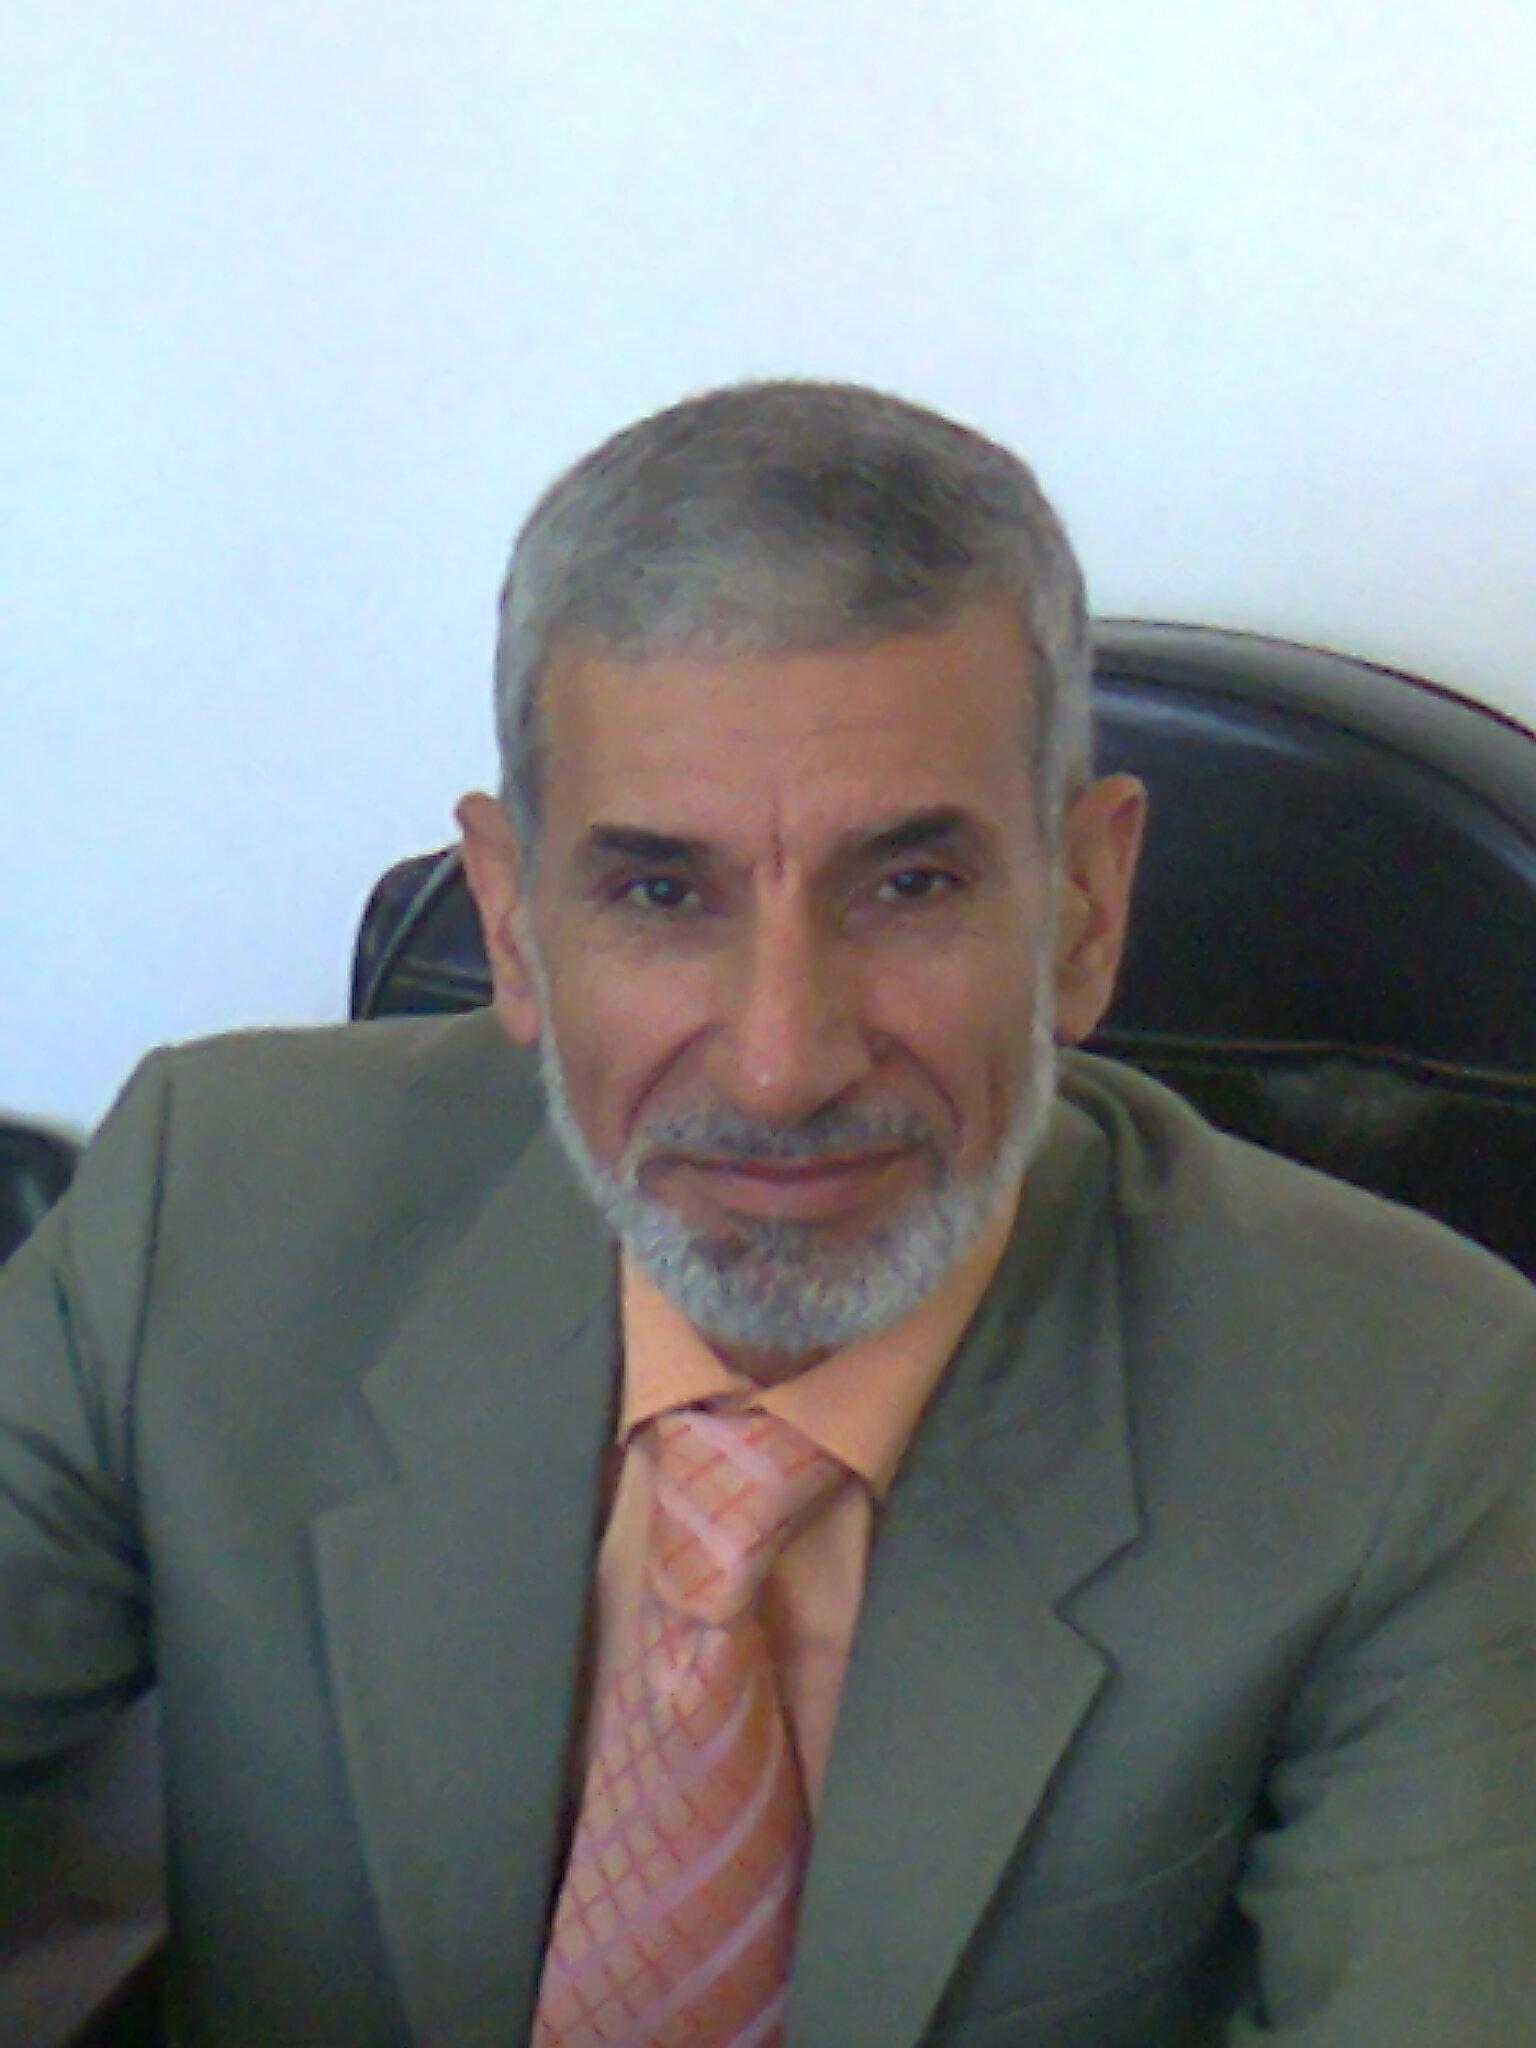 Bahgat Mahmoud Halil Zaafarany